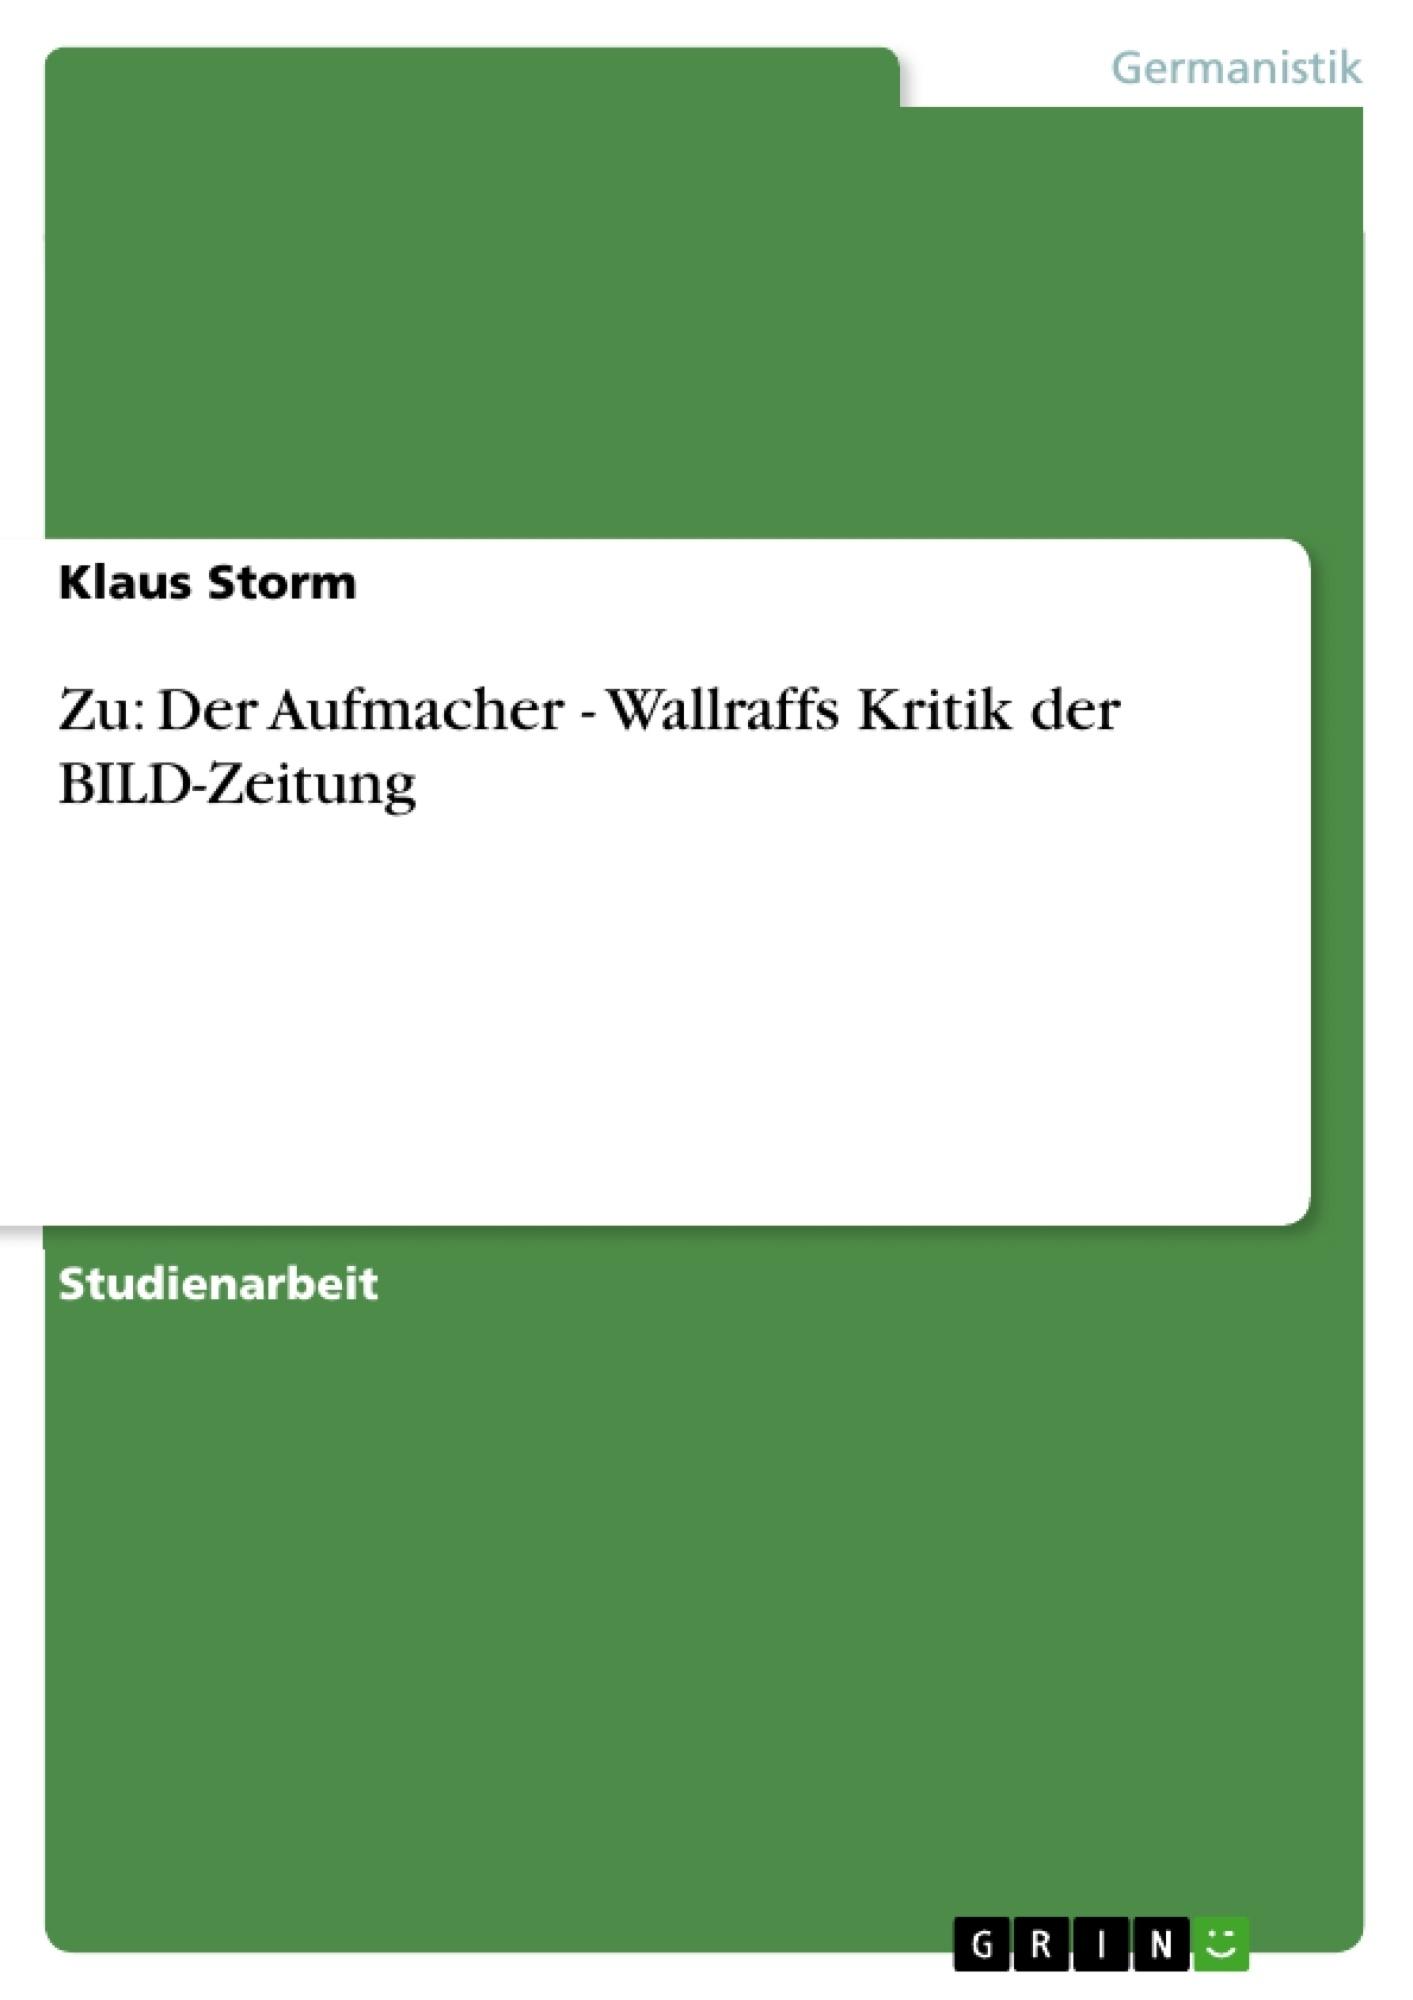 Titel: Zu: Der Aufmacher  - Wallraffs Kritik der BILD-Zeitung